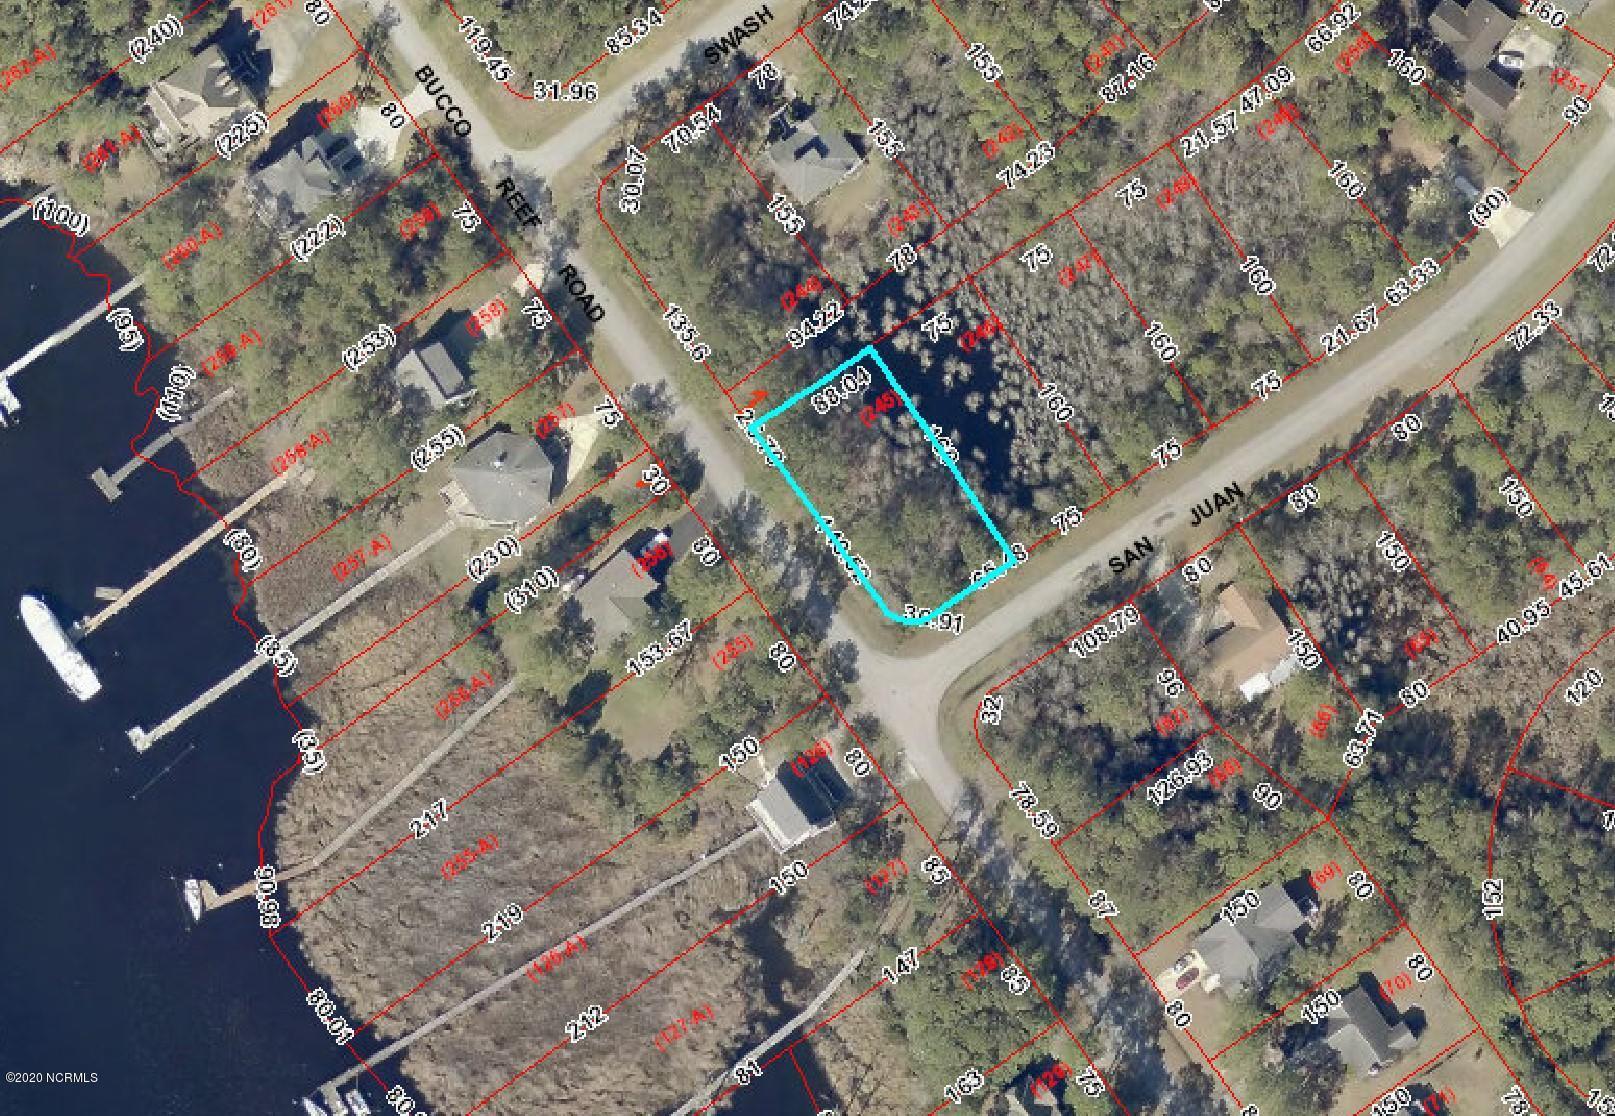 701 San Juan Road, New Bern, North Carolina 28560, ,Residential land,For sale,San Juan,100226597